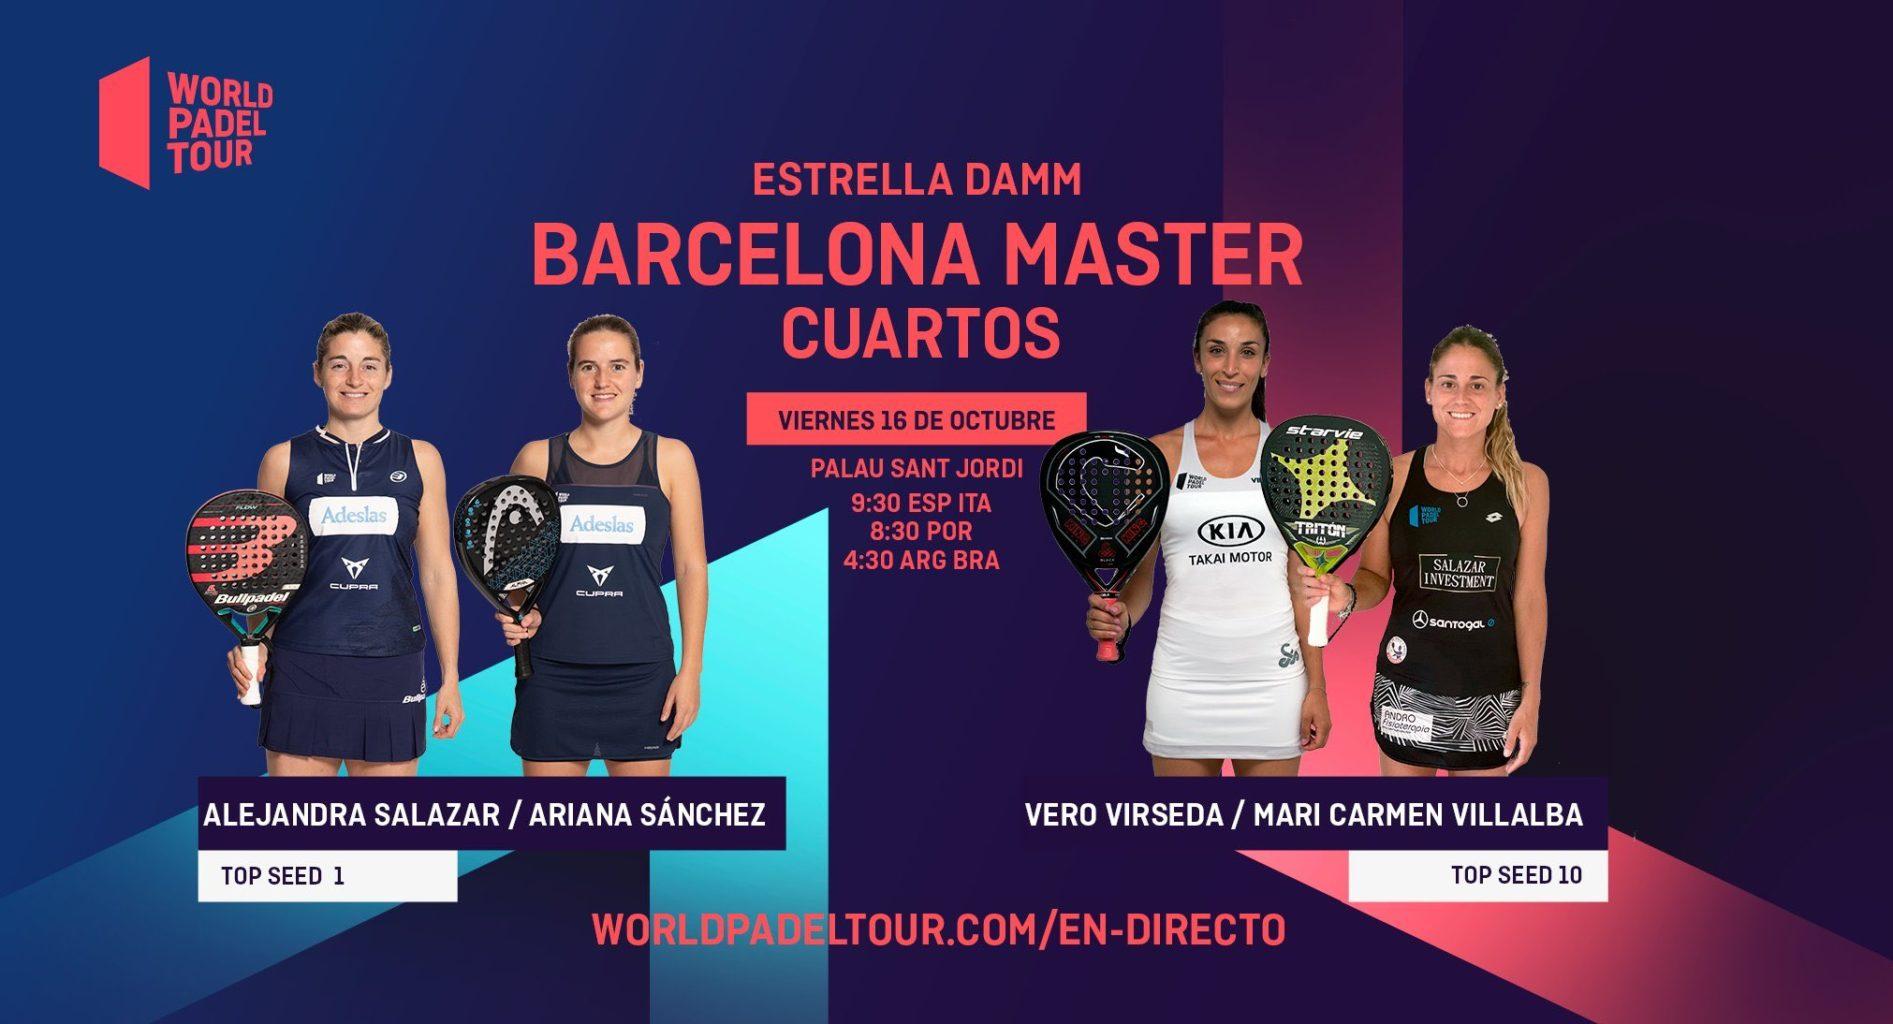 En directo los cuartos de final femeninos del Estrella Damm Barcelona Master 2020